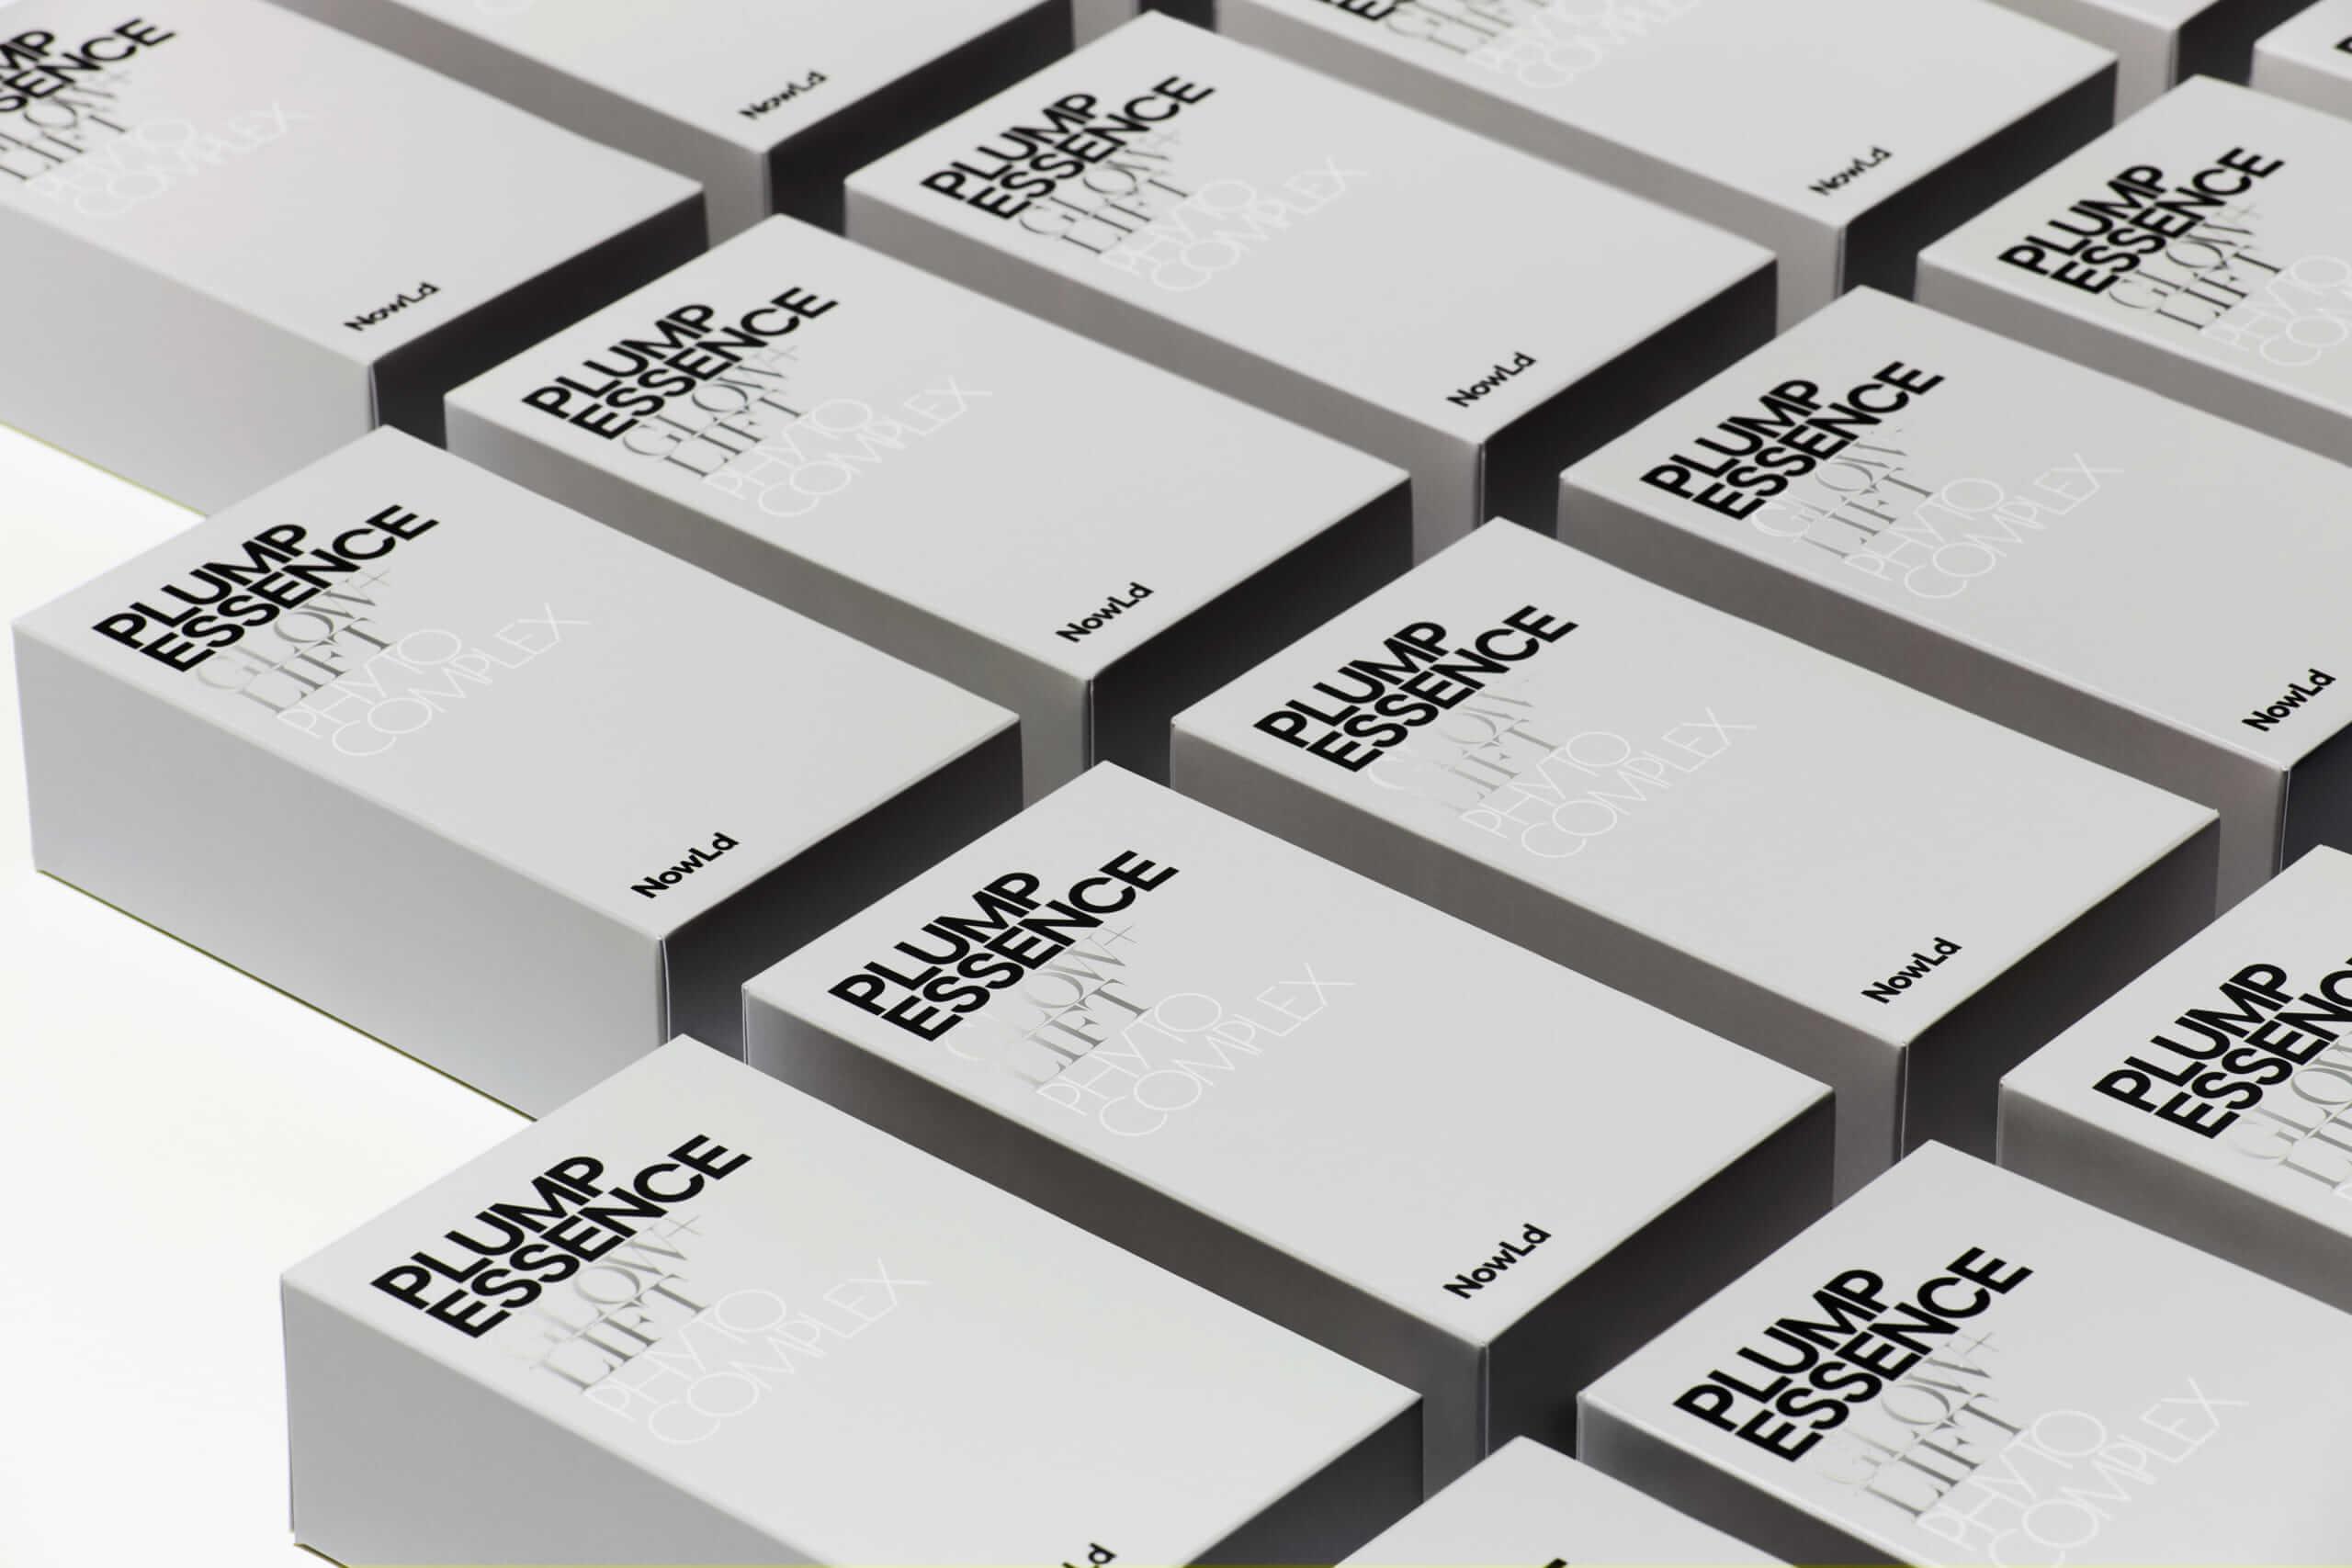 プランプエッセンスのパッケージデザイン